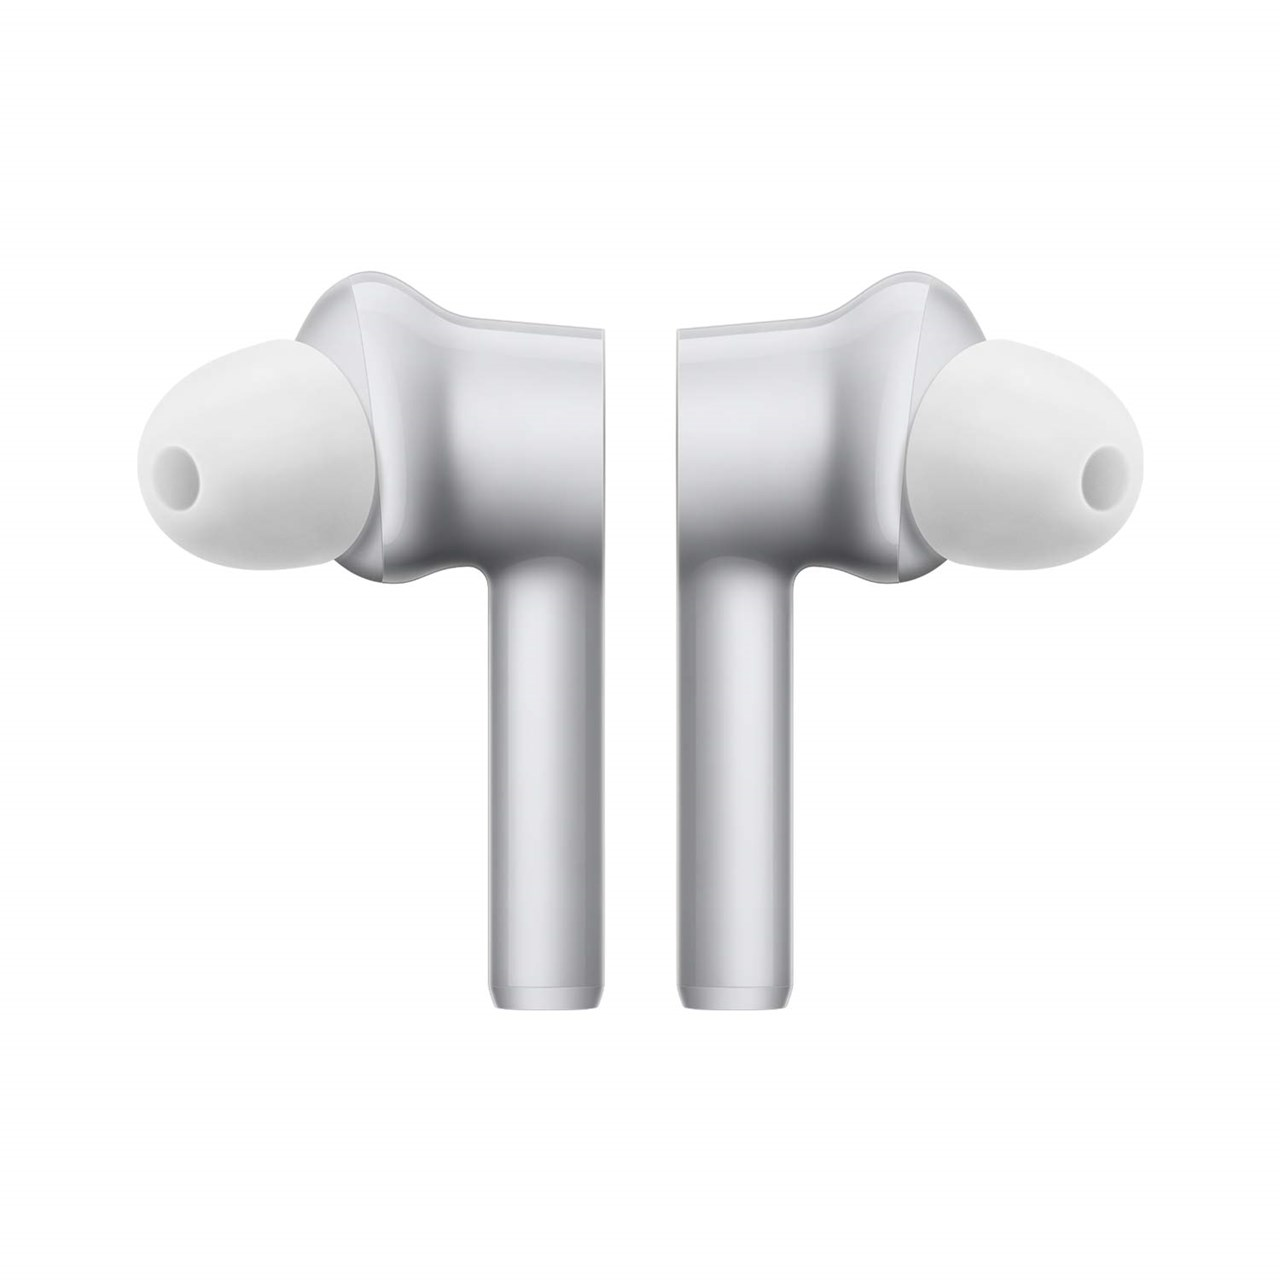 https://www.sathya.in/Media/Default/Thumbs/0050/0050937-oneplus-earbuds-z-white-grey.jpg